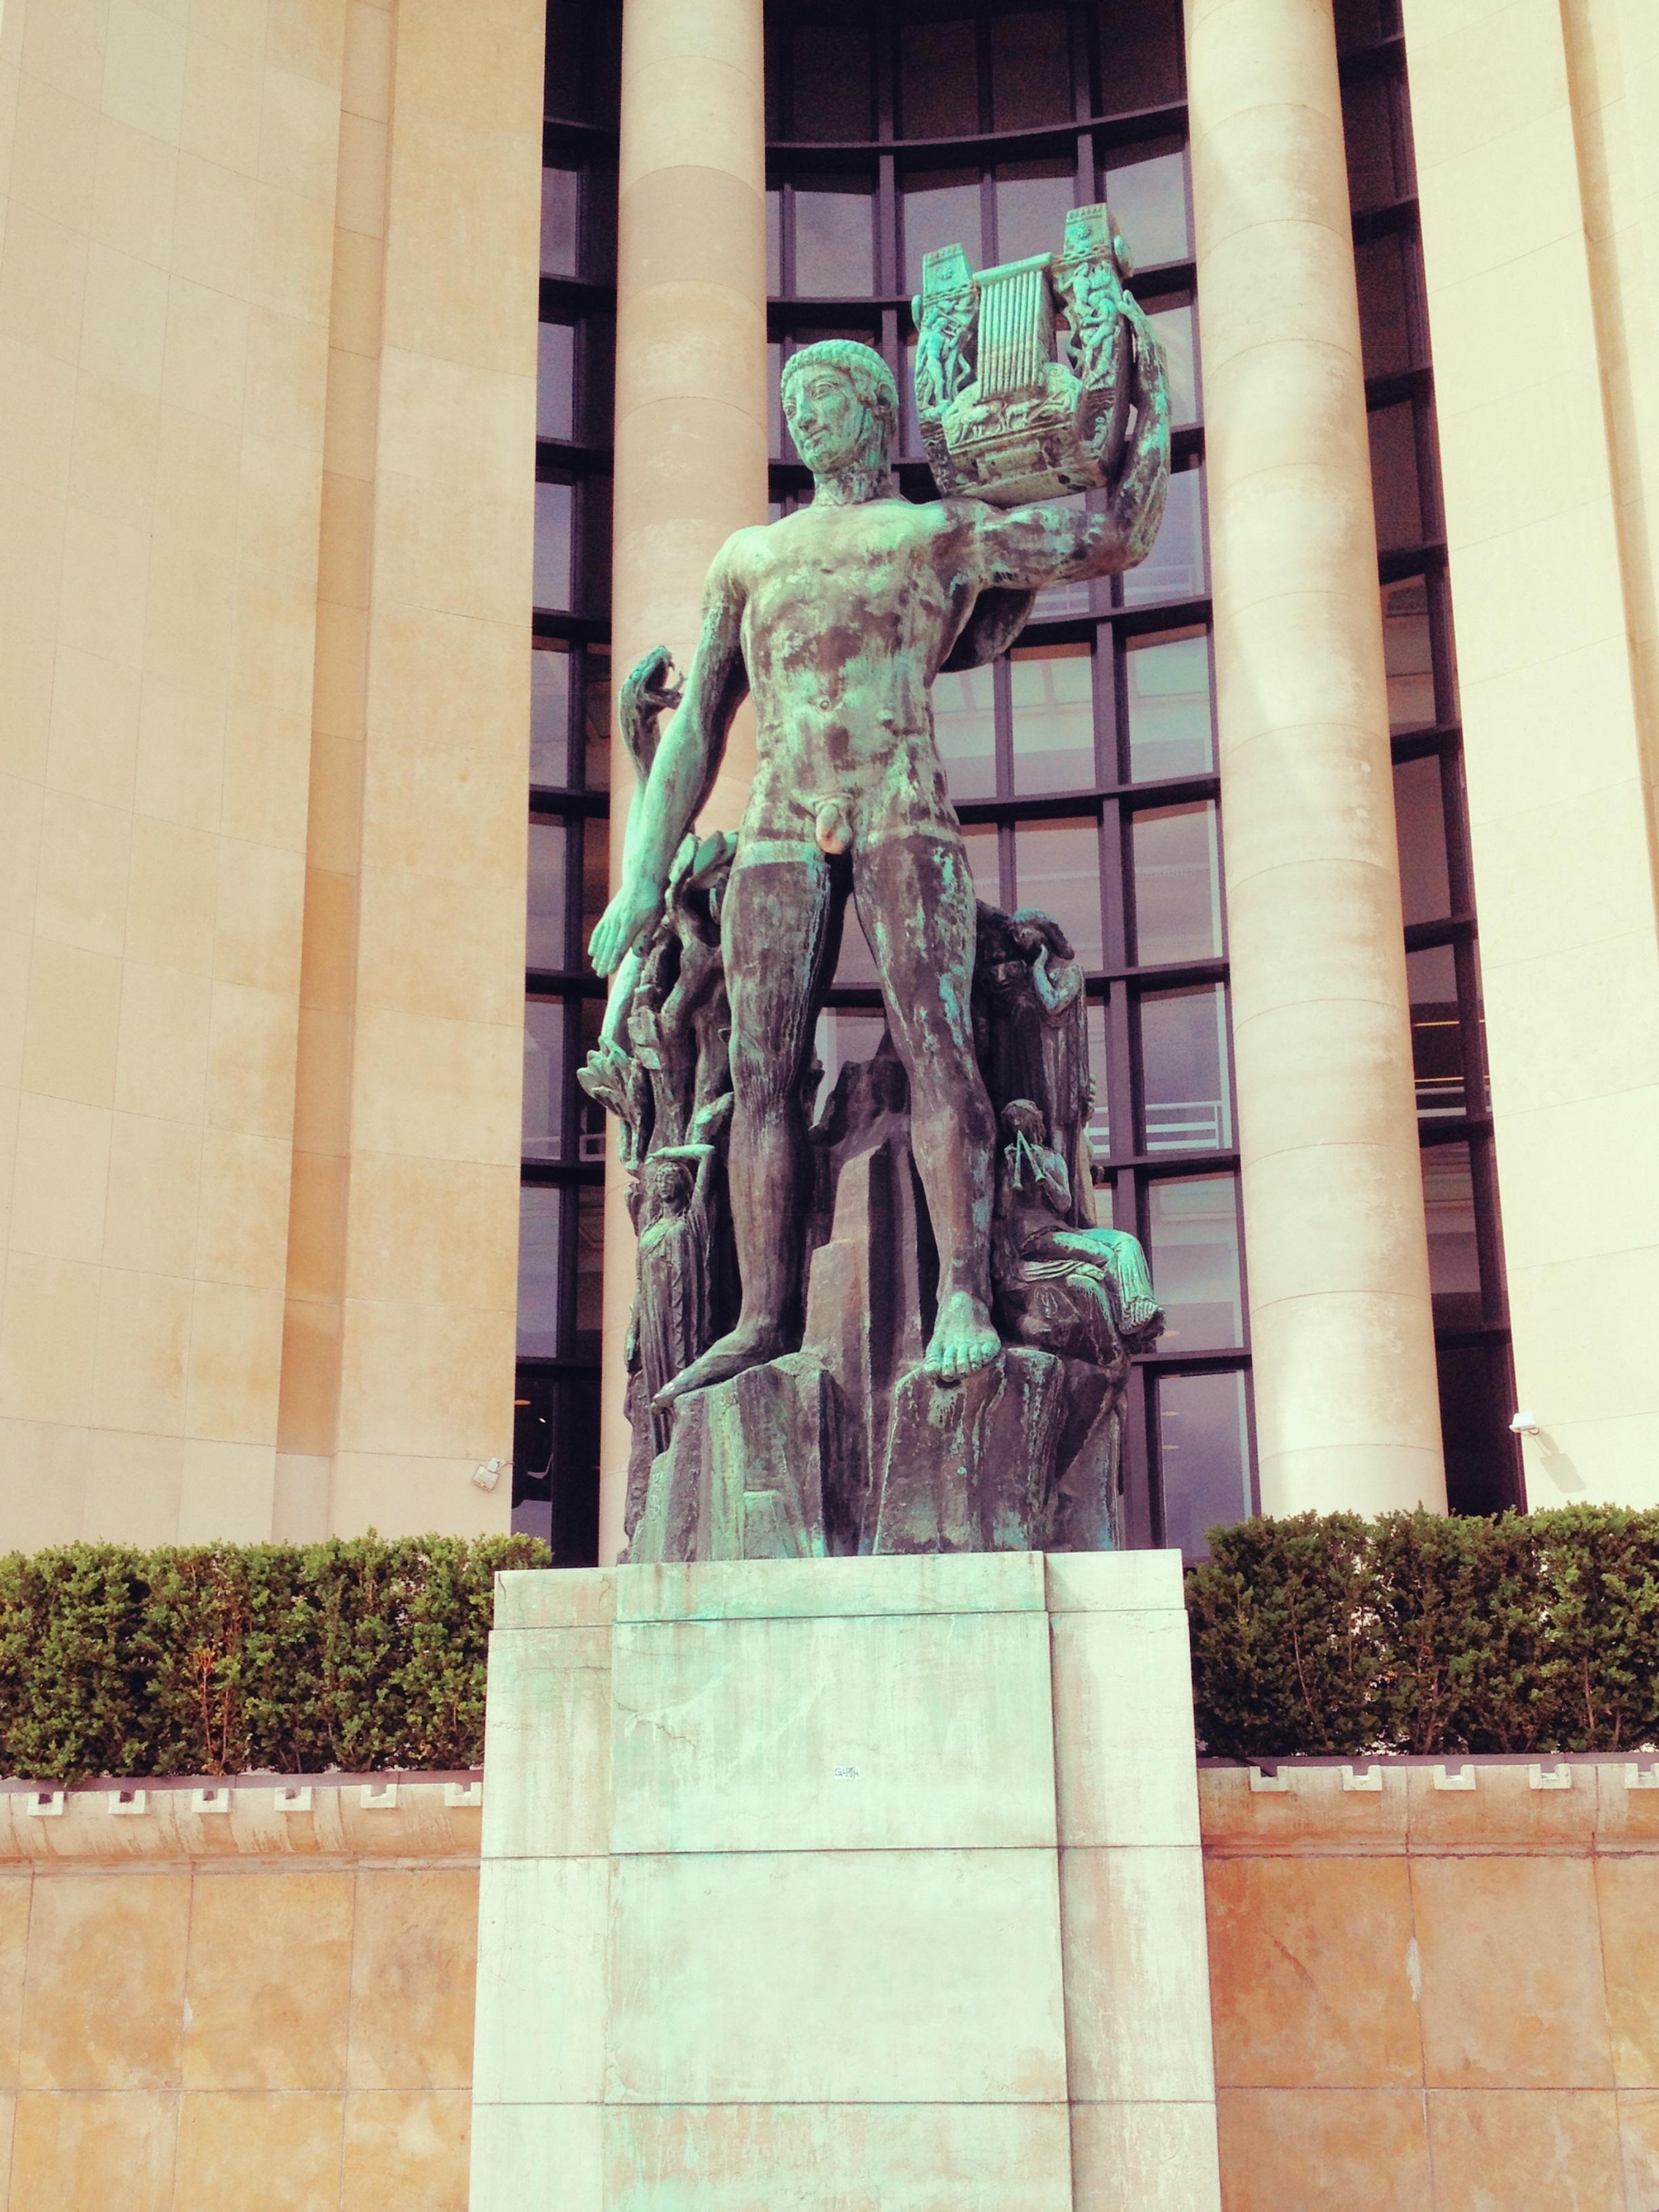 images gratuites paris mur monument france statue design d 39 int rieur sculpture art. Black Bedroom Furniture Sets. Home Design Ideas